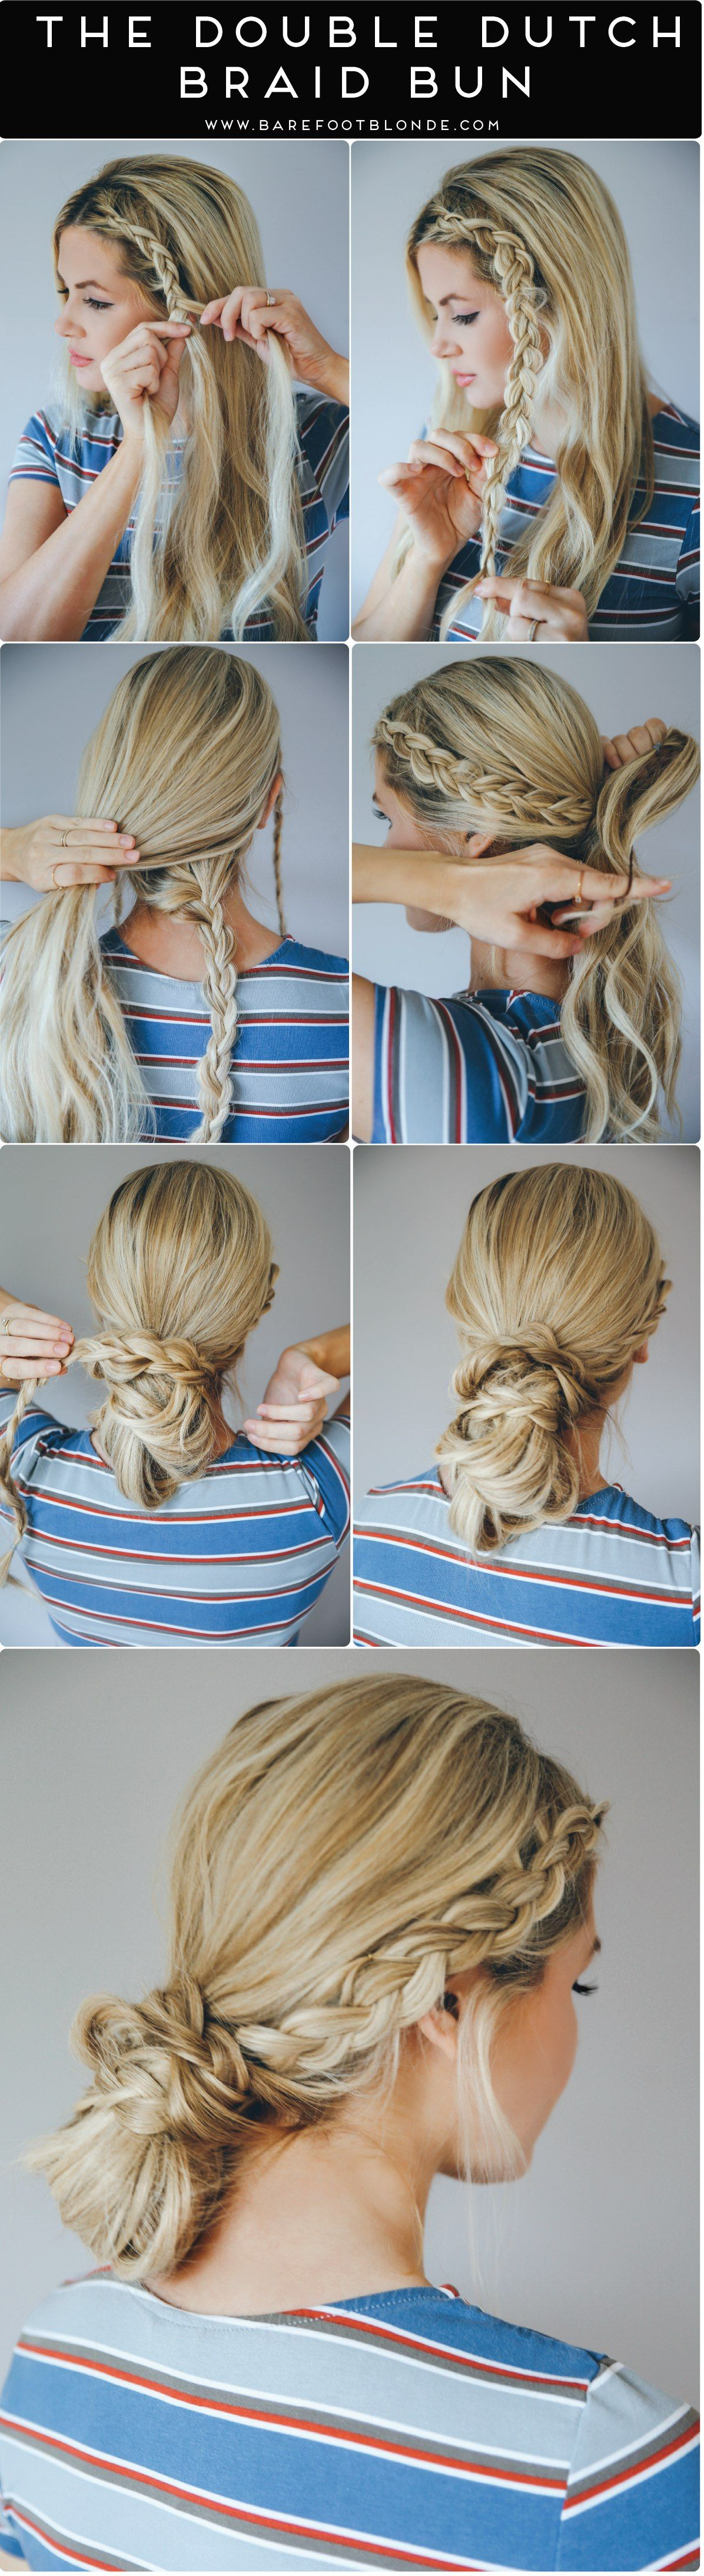 15 gorgeous beach hair ideas for summer | dutch braid bun, double